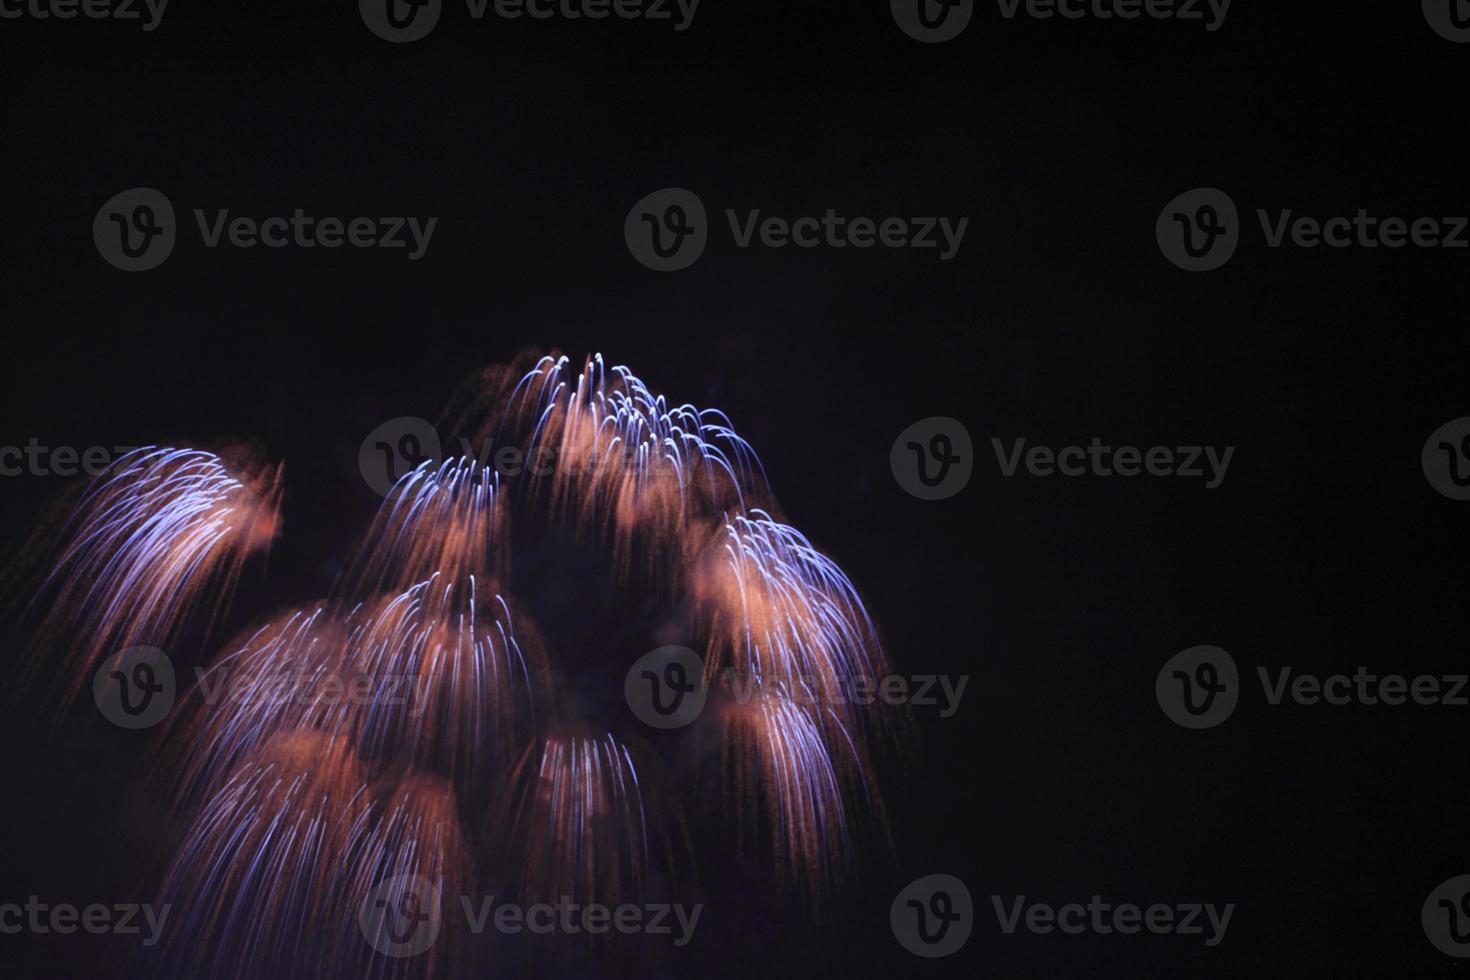 traditionelles japanisches Feuerwerk am Nachthimmel foto